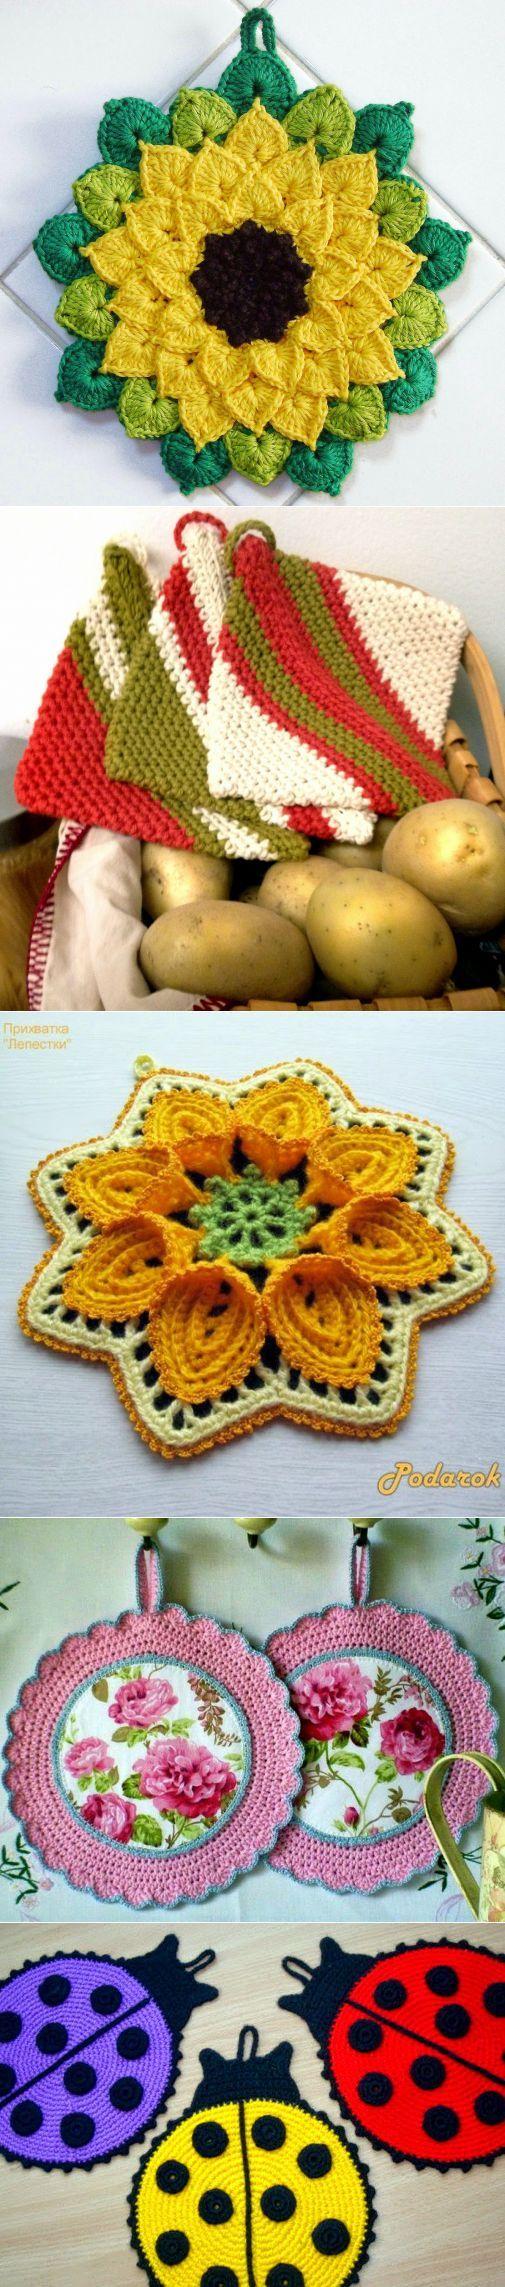 Вязаные прихватки - маленький праздник на кухне! (подборка + МК) | вязание: прихватки | Постила